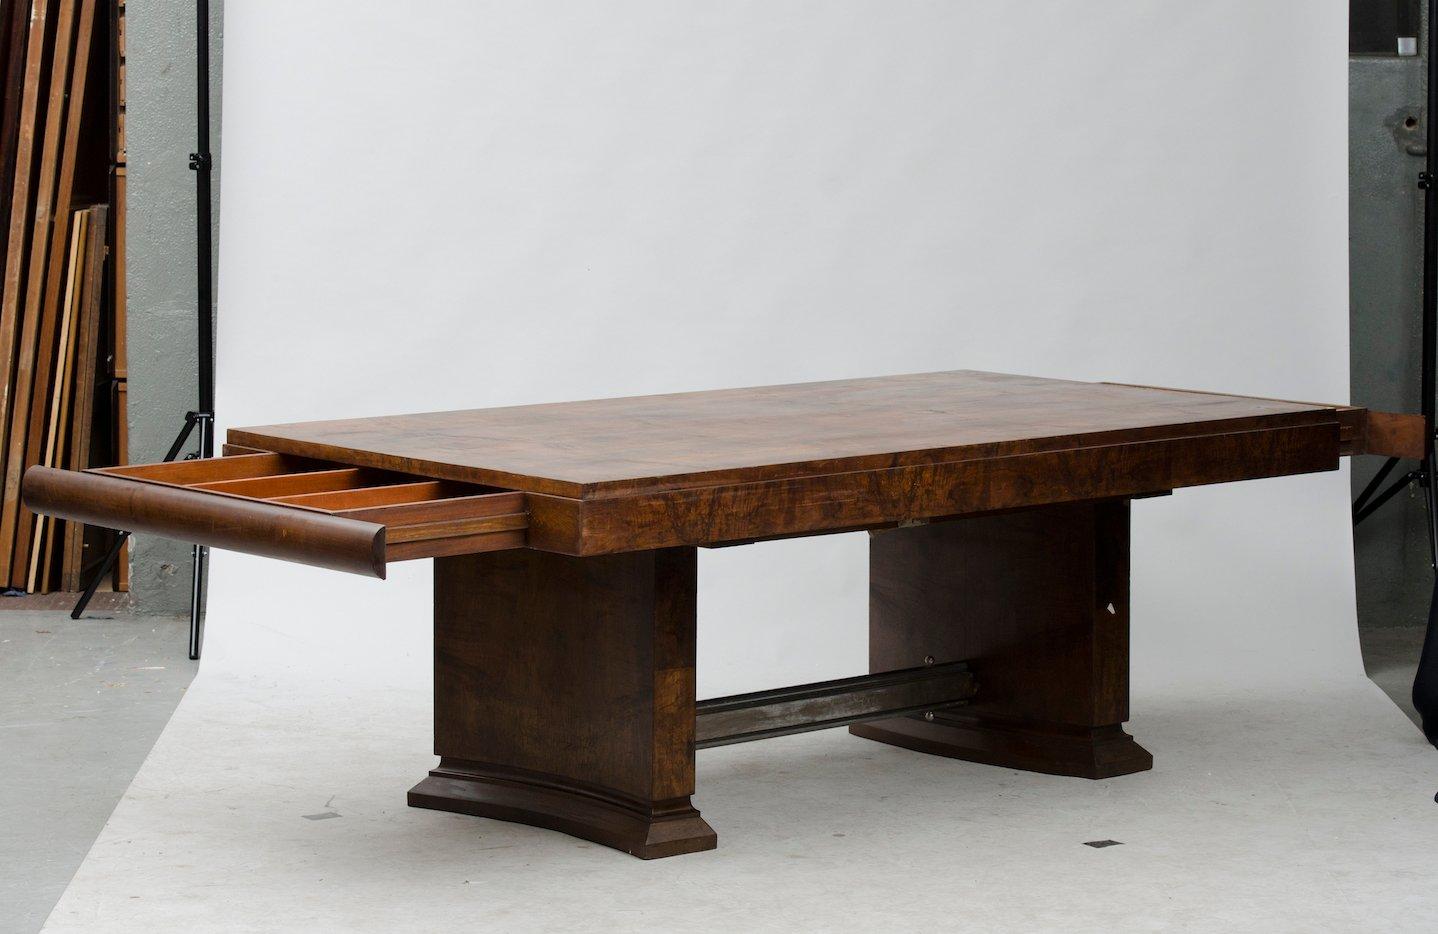 vintage art deco esstisch bei pamono kaufen. Black Bedroom Furniture Sets. Home Design Ideas